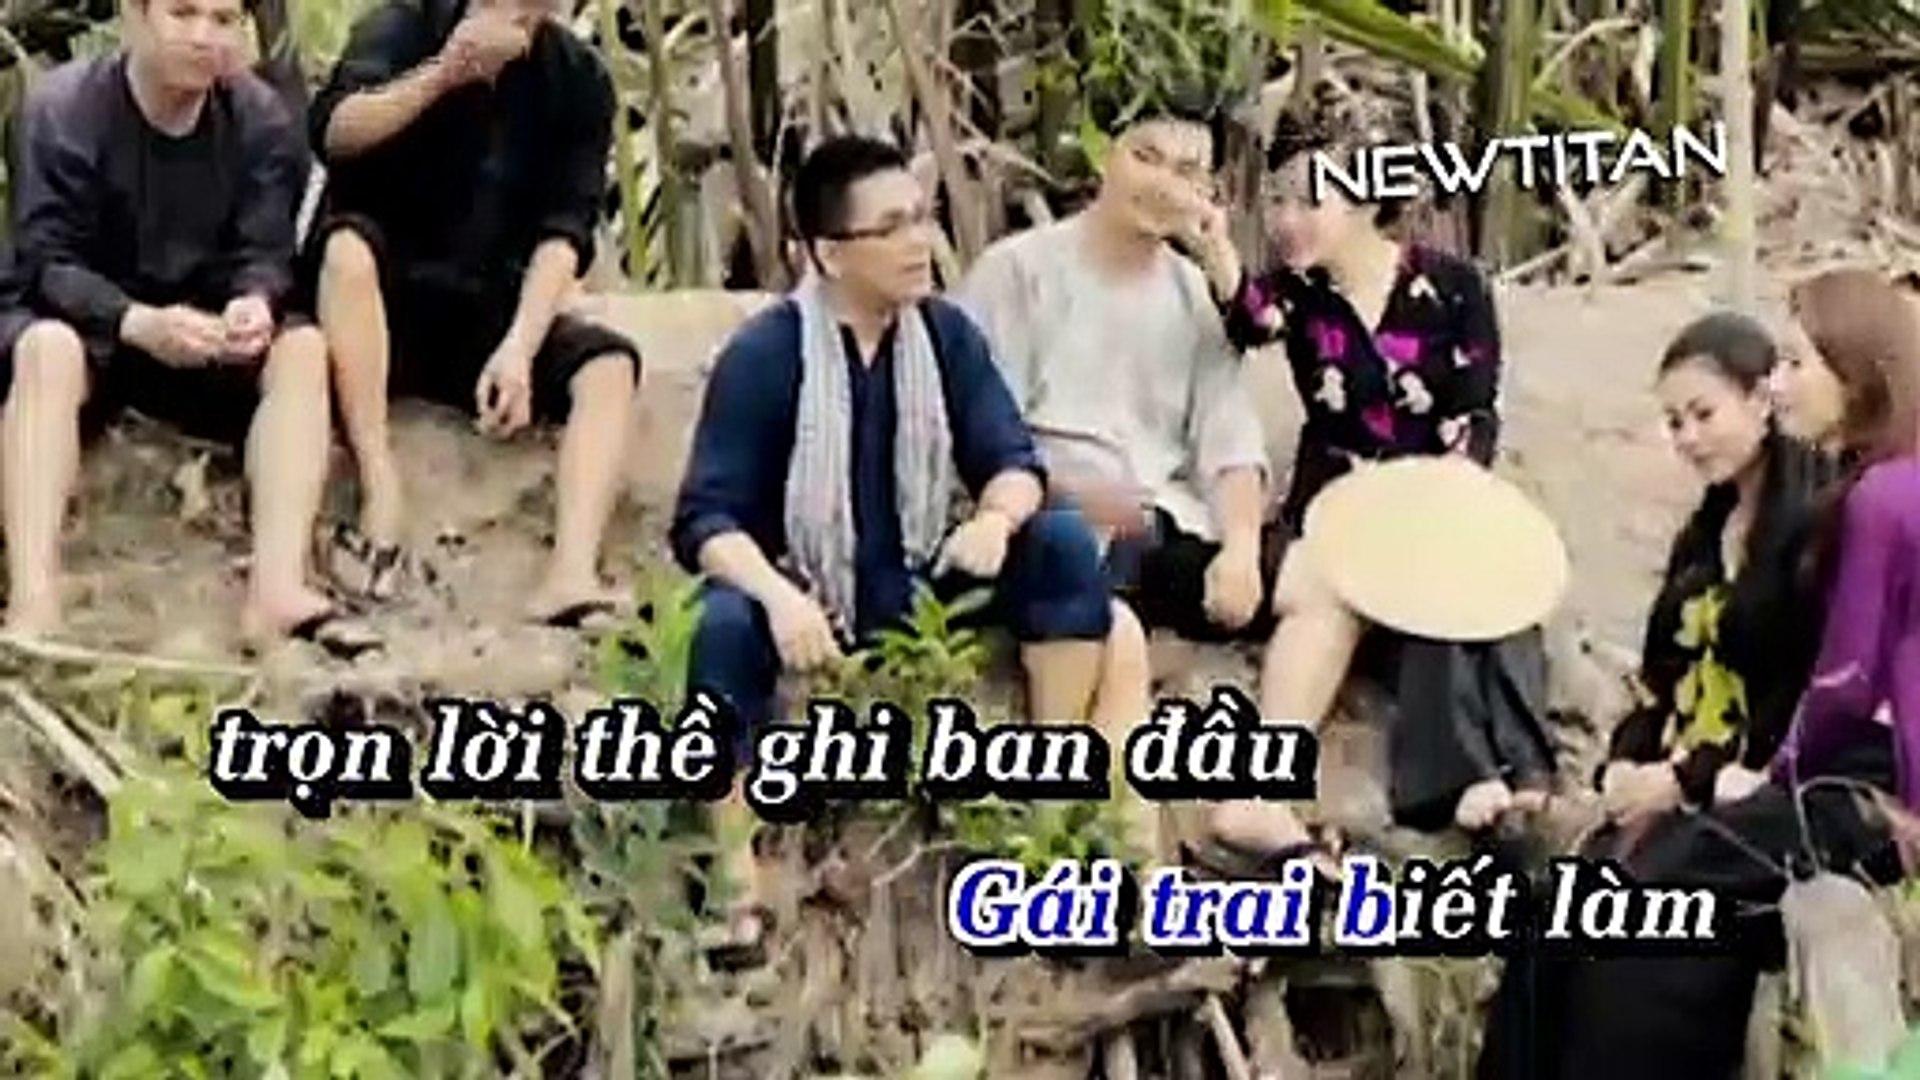 [Karaoke] Tình Lúa Duyên Trăng - Dương Hồng Loan Ft. Huỳnh Nguyễn Công Bằng [Beat]